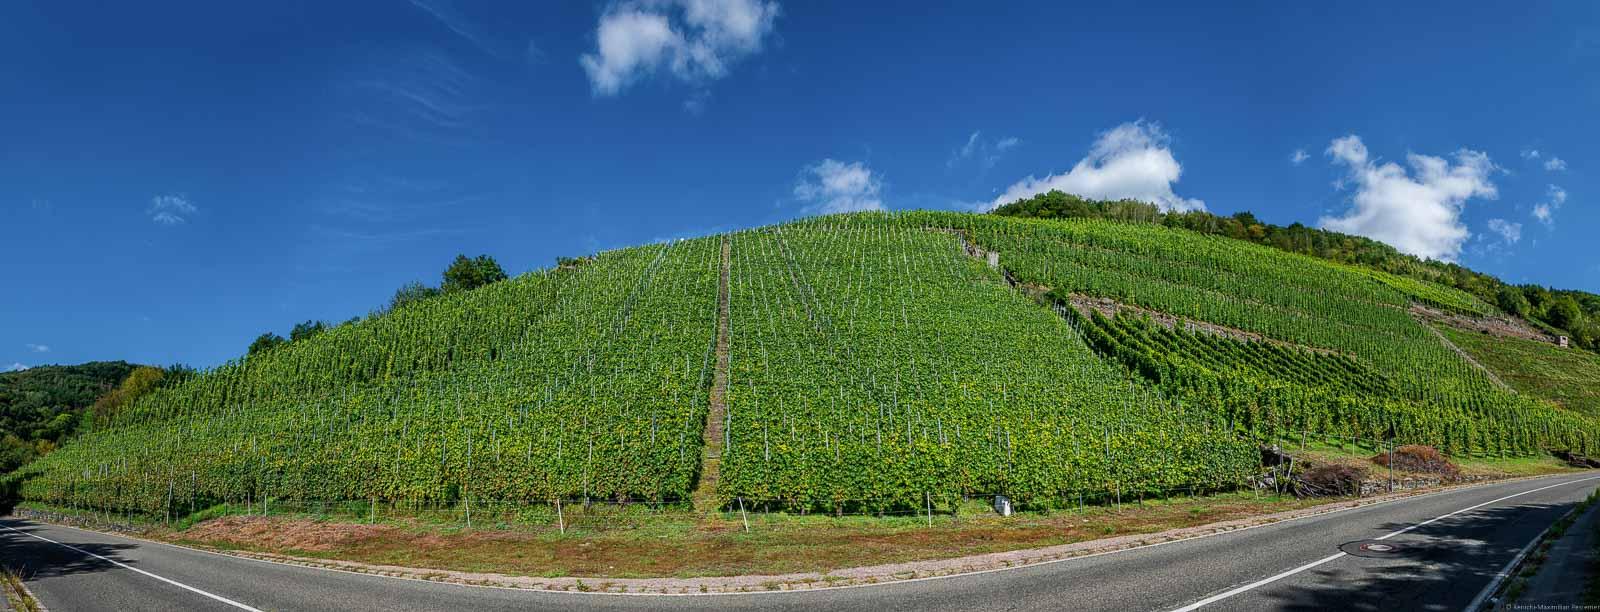 Vorne verläuft eine Straße. Der Weinberg Traben-Trarbacher Hühnerberg befindet sich hinter der Straße in grün und oben ist blauer Himmel.